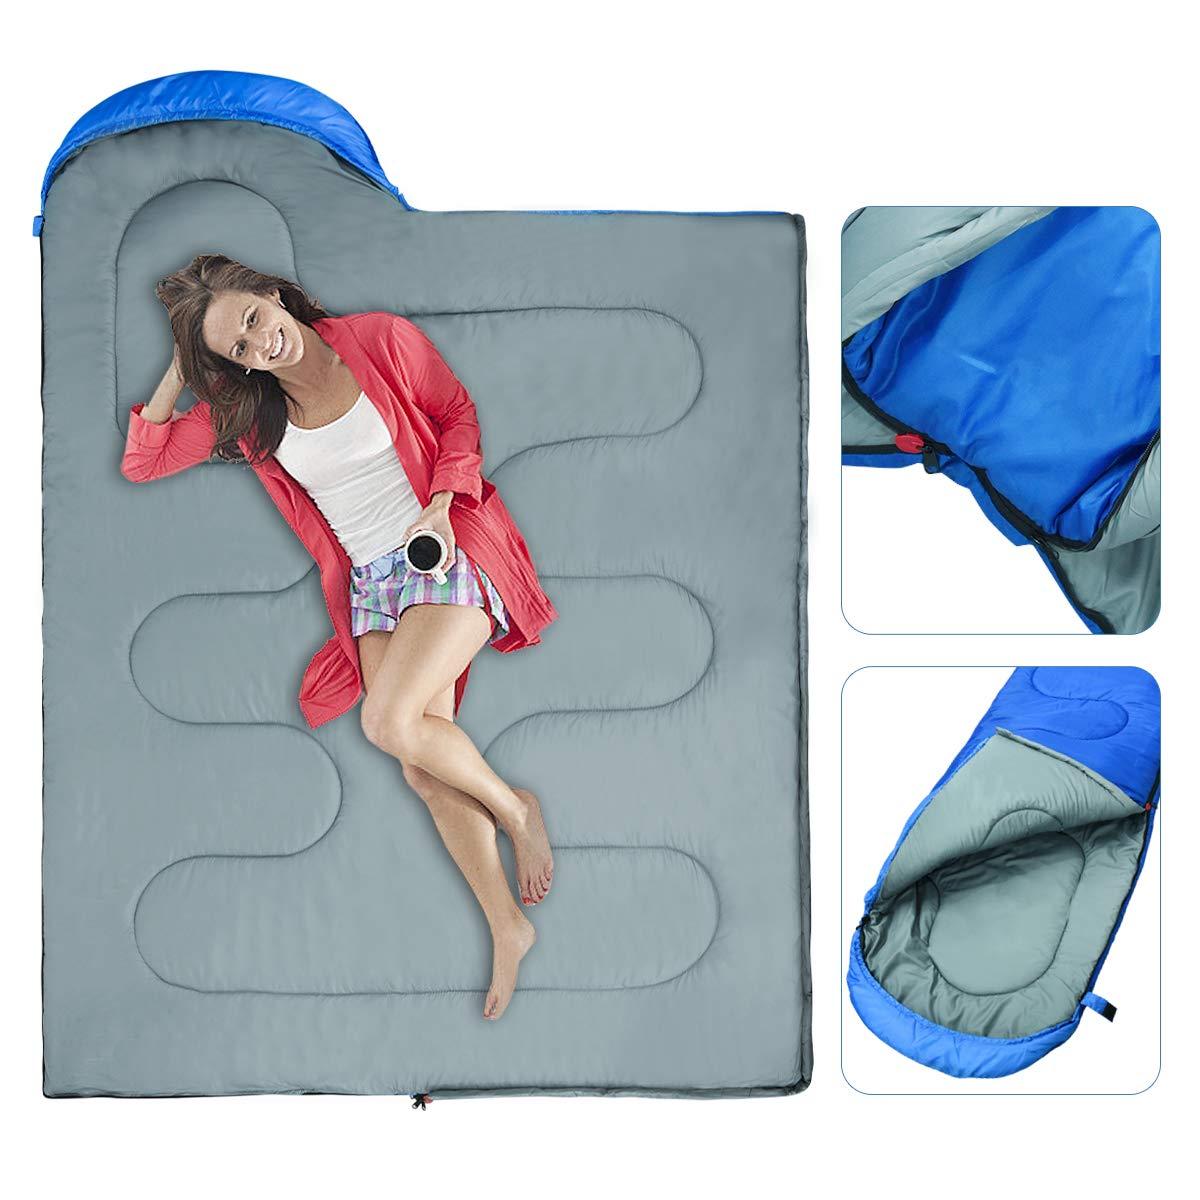 BACKTURE Schlafsack Deckenschlafsack 1.0 kg Leichtgewicht Warm Outdoor 100/% Baumwollhohlfaser f/ür Camping,Wandern,sonstige Aktivit/äten im Freien im 4-Jahreszeiten leicht in Tragetasche,220 x 80cm